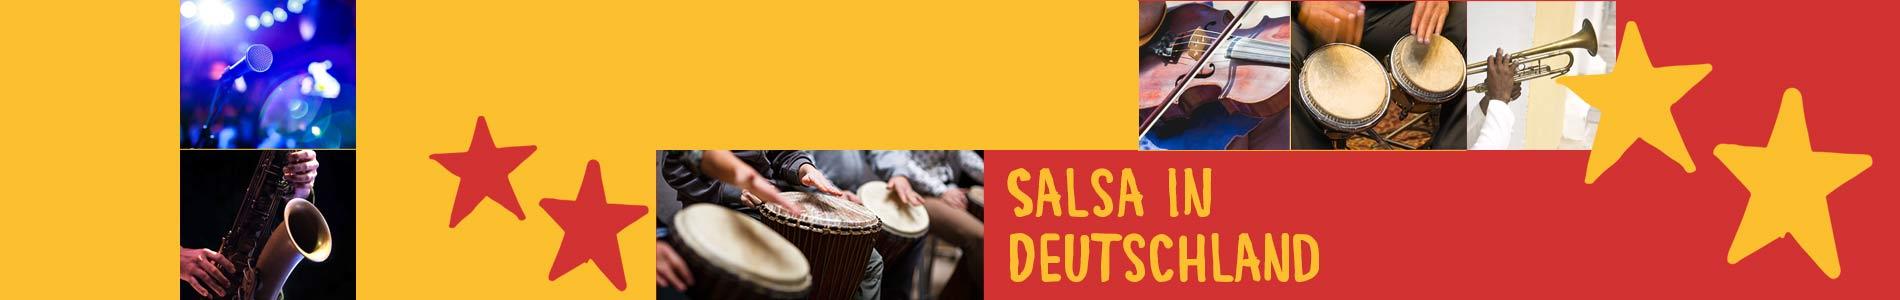 Salsa in Burgbernheim – Salsa lernen und tanzen, Tanzkurse, Partys, Veranstaltungen